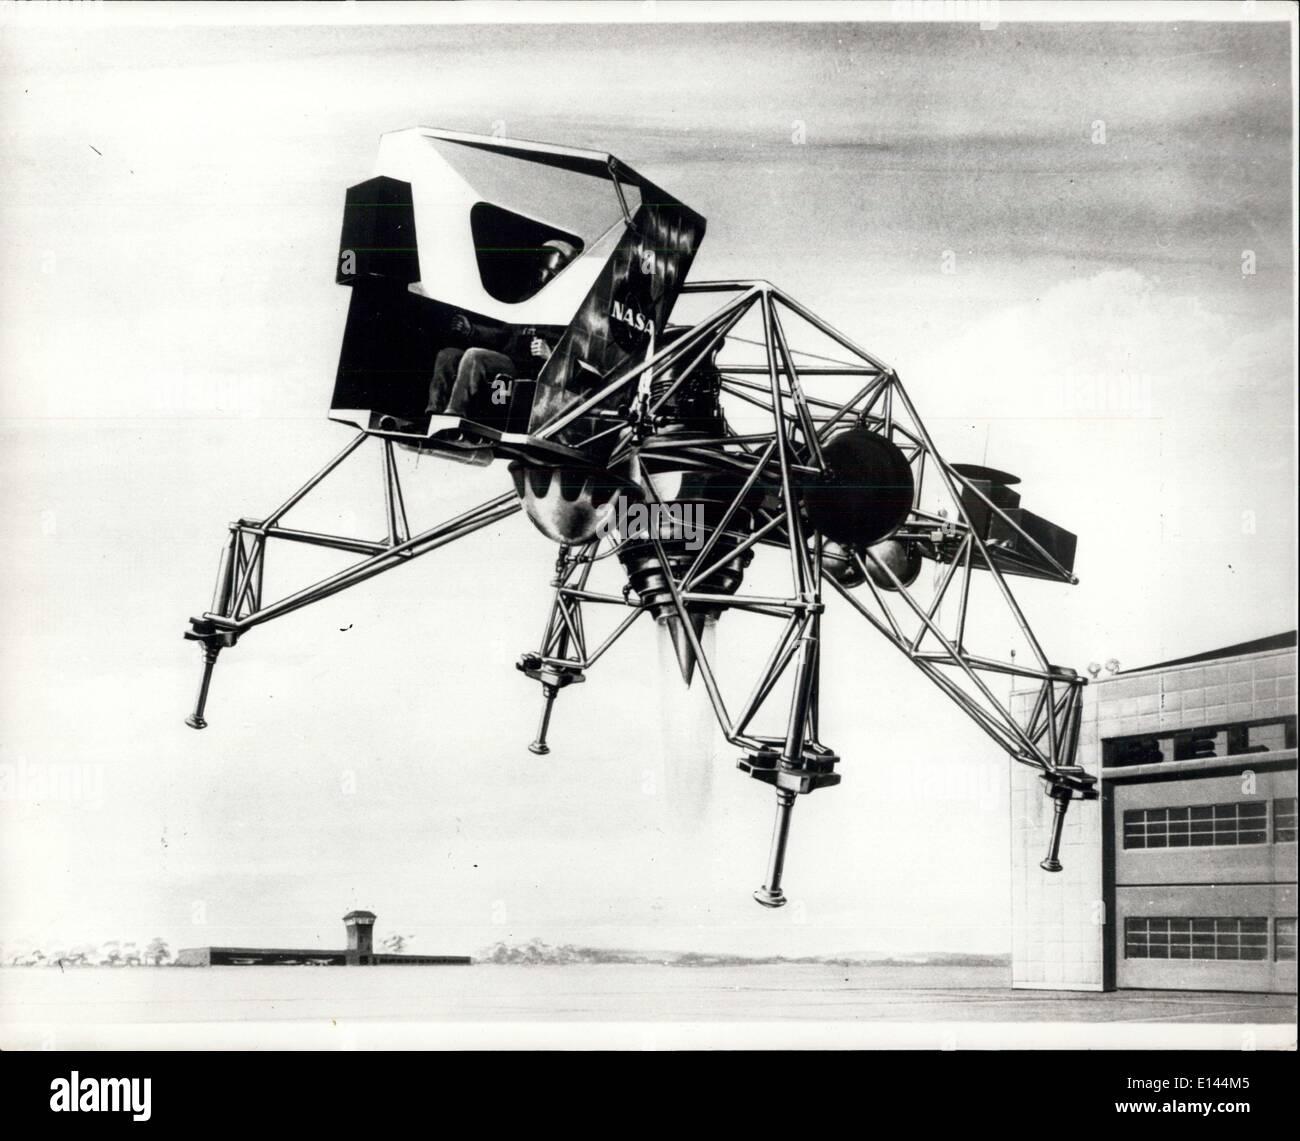 4. April 2012 - 11.4.67 des Künstlers Konzept der Mondlandung Schulungsfahrzeug. Dies ist eine künstlerische Konzept das Lunar Landing Training Fahrzeug (LLTV) gebaut werden vertraglich durch Bell Aerosystems Co., Buffalo, N.Y. für die National Aeronautics and Space Administration, drei Fahrzeuge bereitzustellen, die die Astronauten benutzen werden, um simulierte Landung auf dem Mond zu üben. Die Fahrzeuge werden in der Lage, ein Sechstel Schwerkraft Umgebung des Mondes zu simulieren. Wenn im Einsatz der LLTV vom Boden auf die Jet-Engine geflogen wird, dann manövriert wie ein Mond-Handwerk mit kleinen Raketen Stockbild